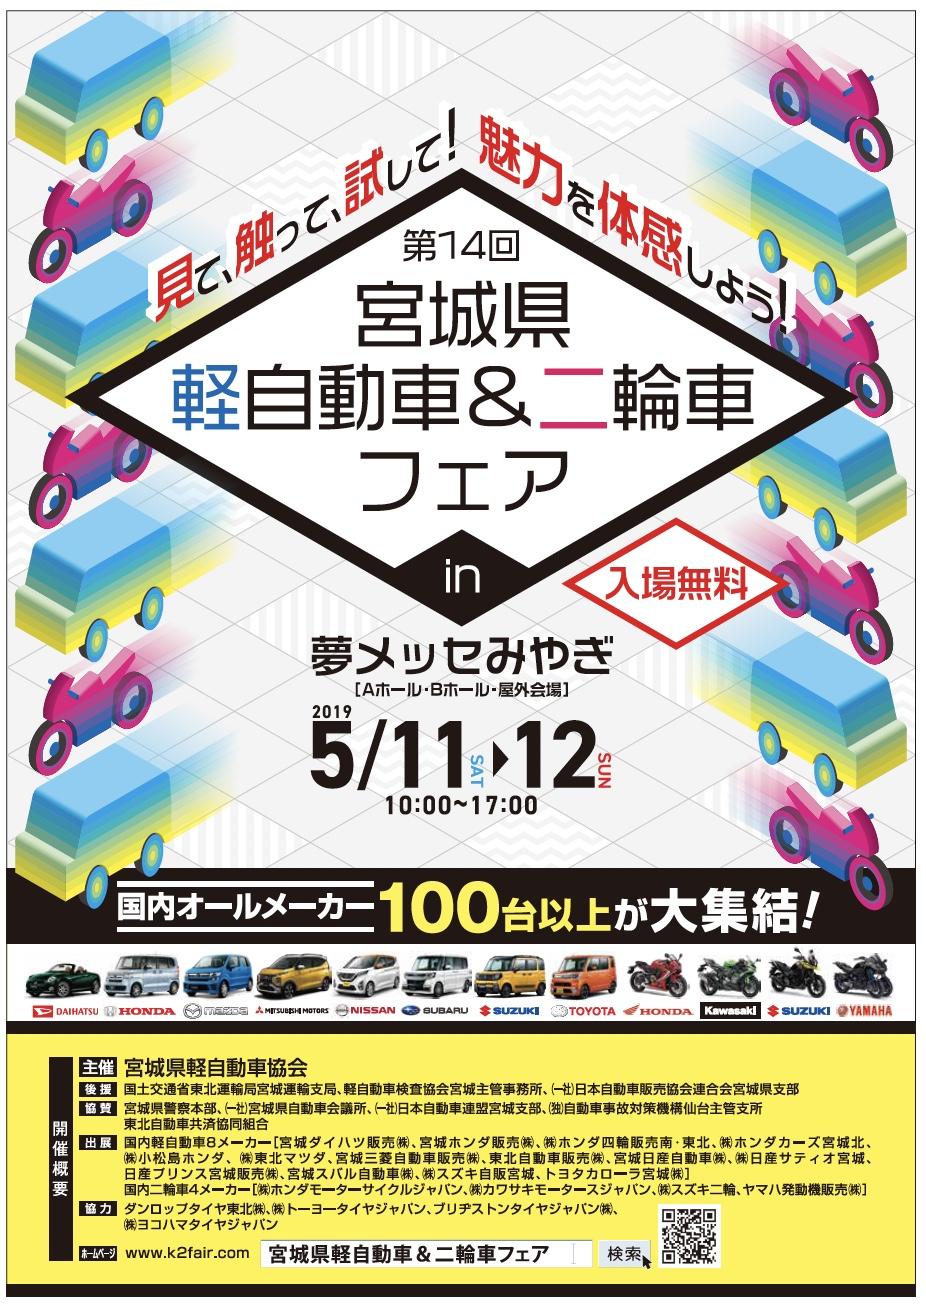 軽自動車・二輪車フェア_ビジュアルイメージ